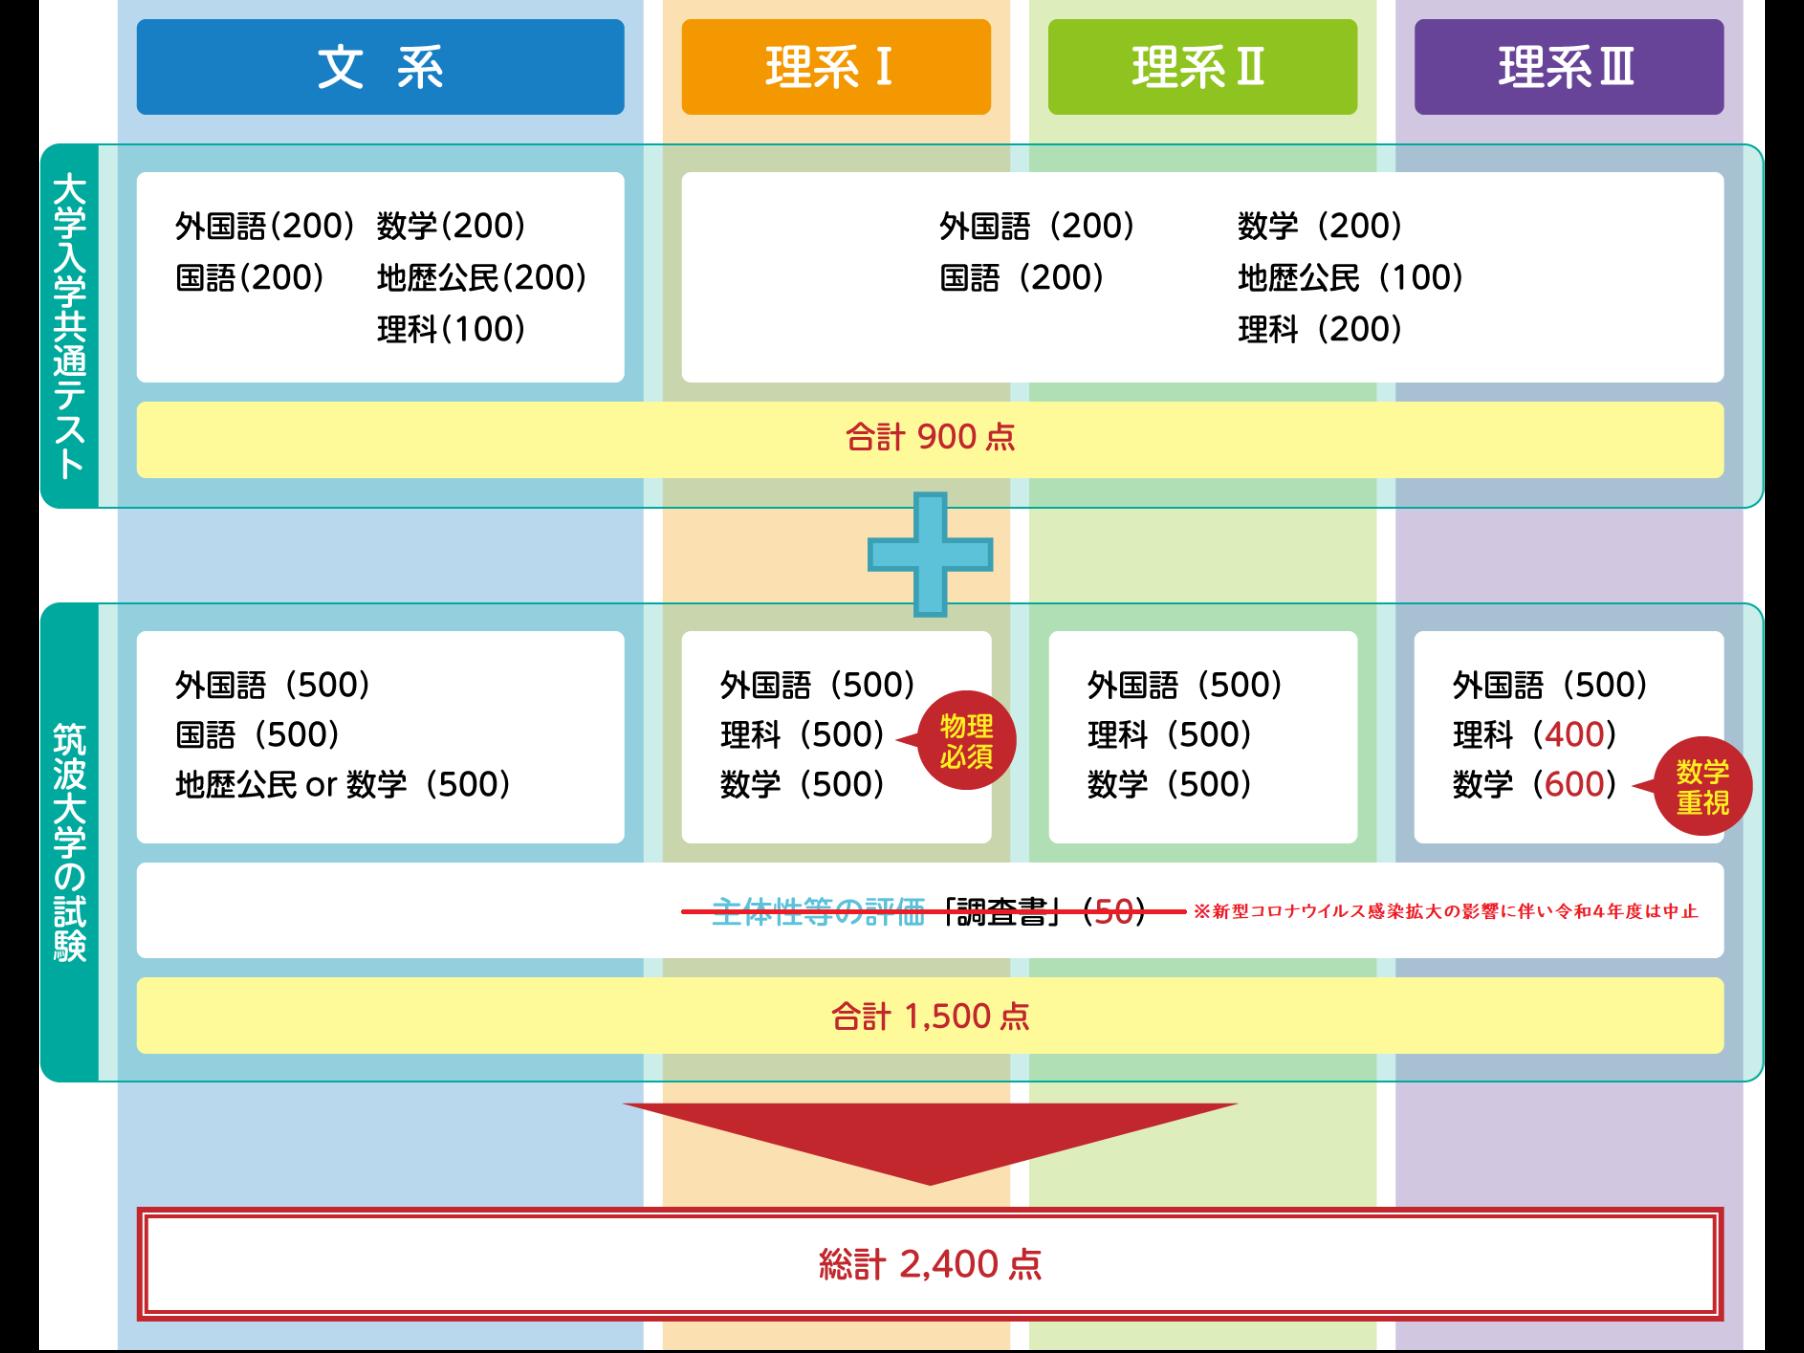 総合選抜の試験教科・科目